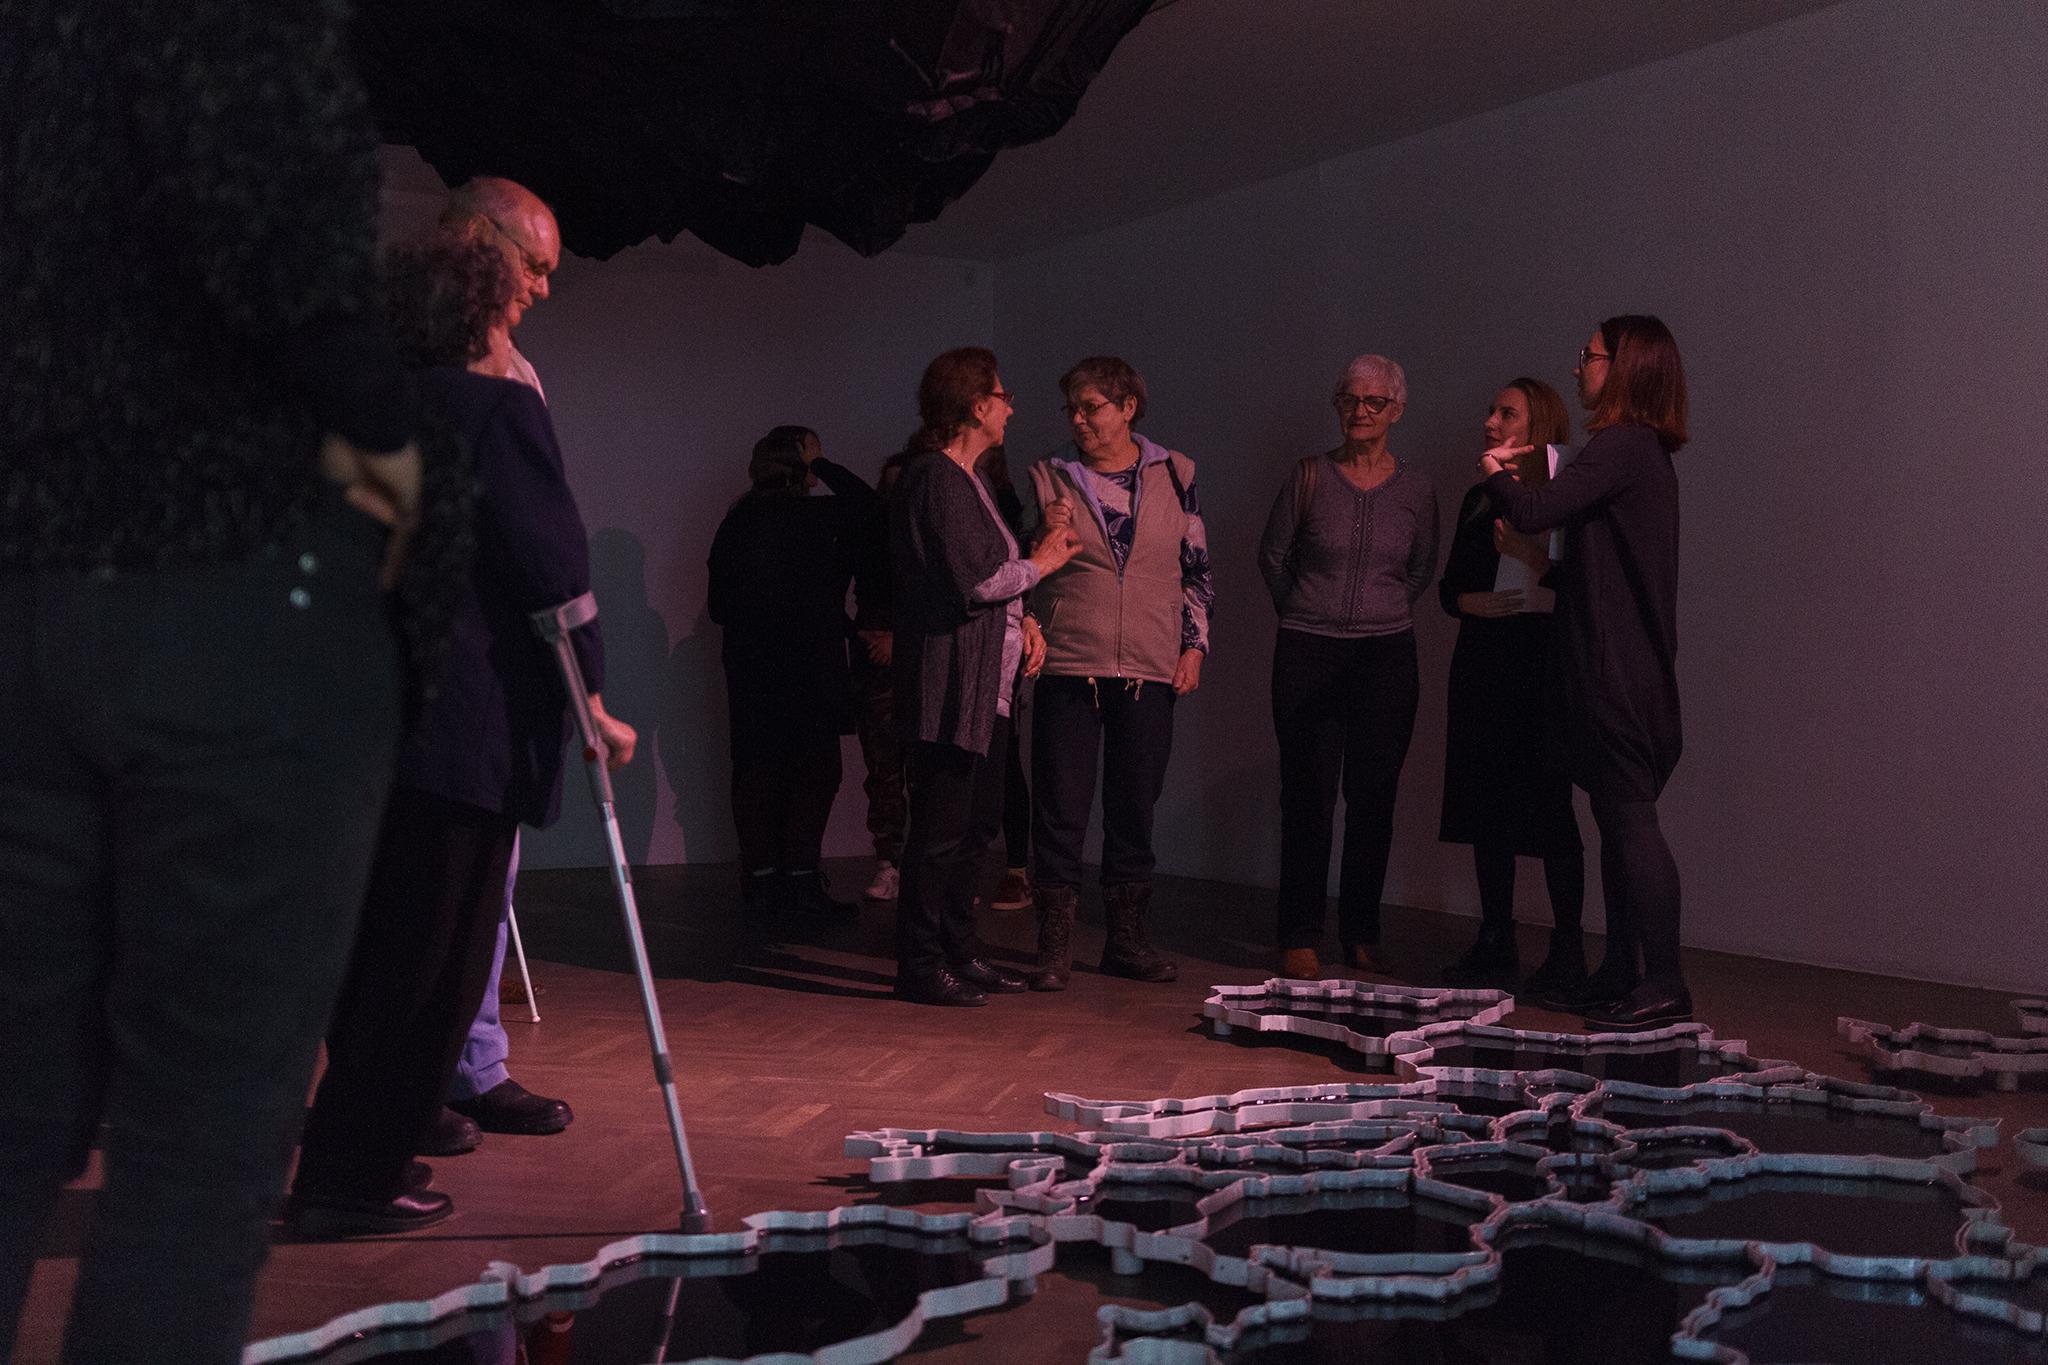 grupa 7 osób w ciemnym pomieszczeniu, przed nimi na ziemi leżą fragmenty w kształcie pilastru miodu tworzące kompozycję